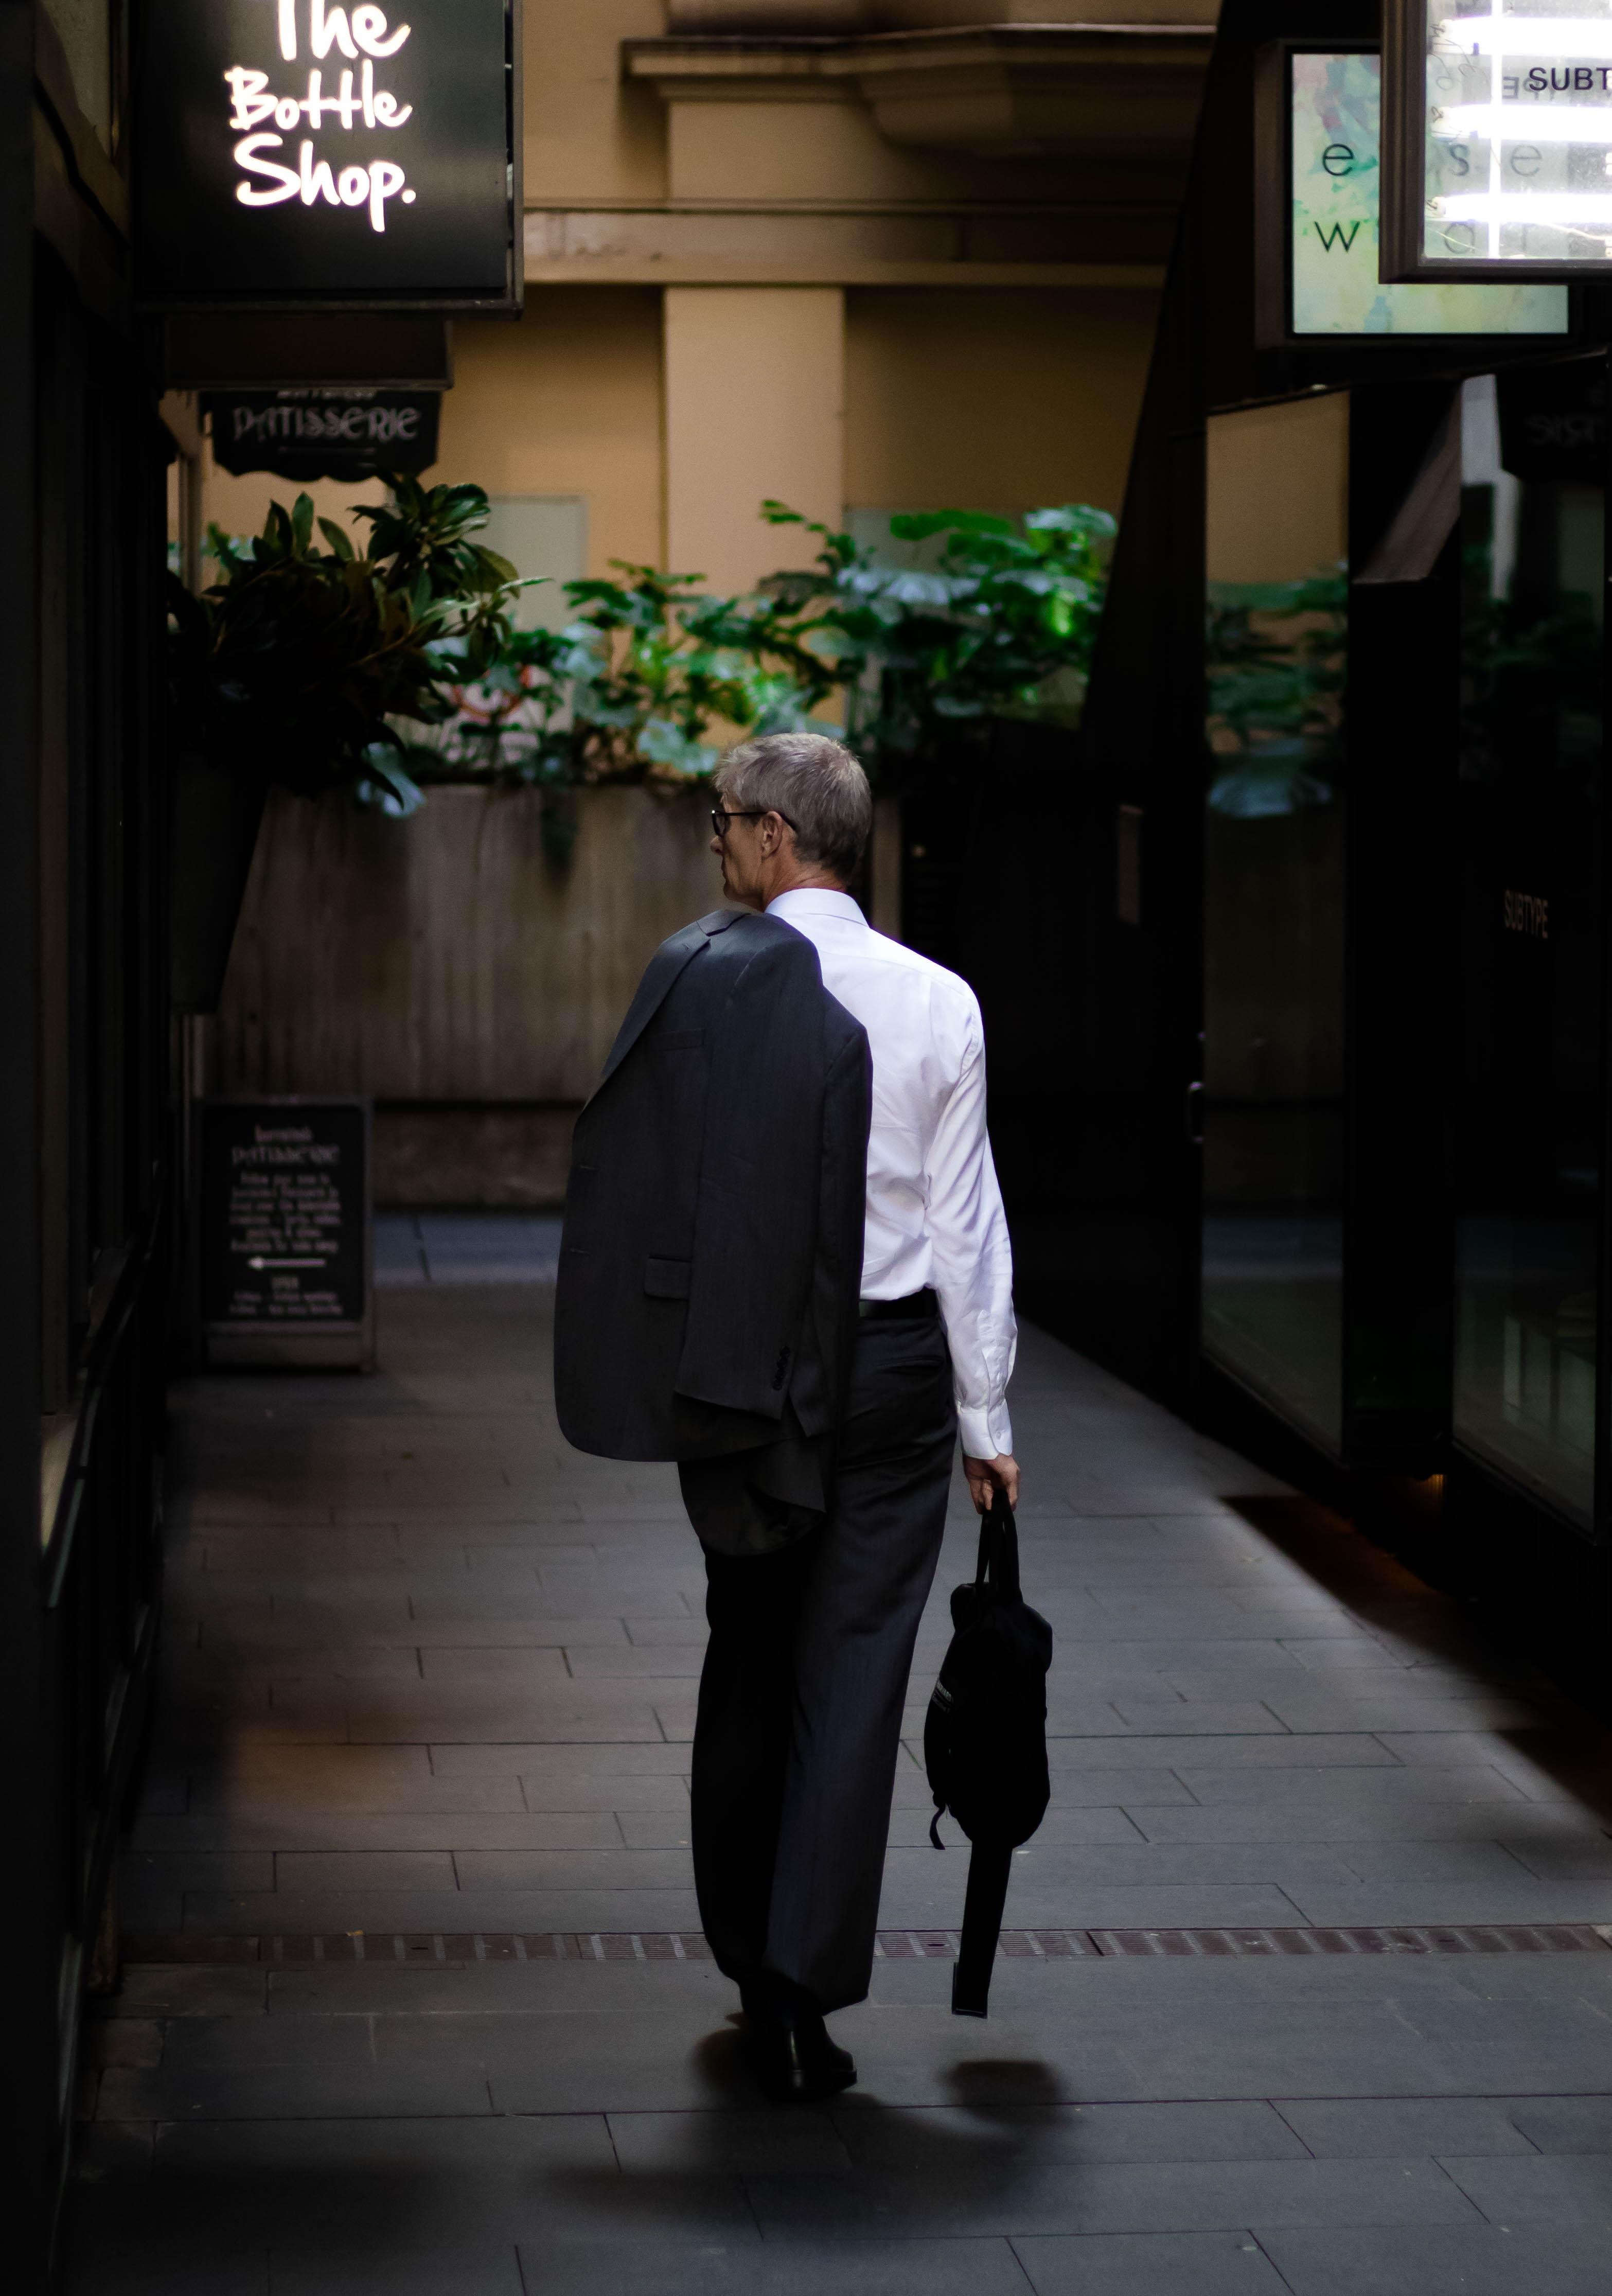 man holding black bag walking on road